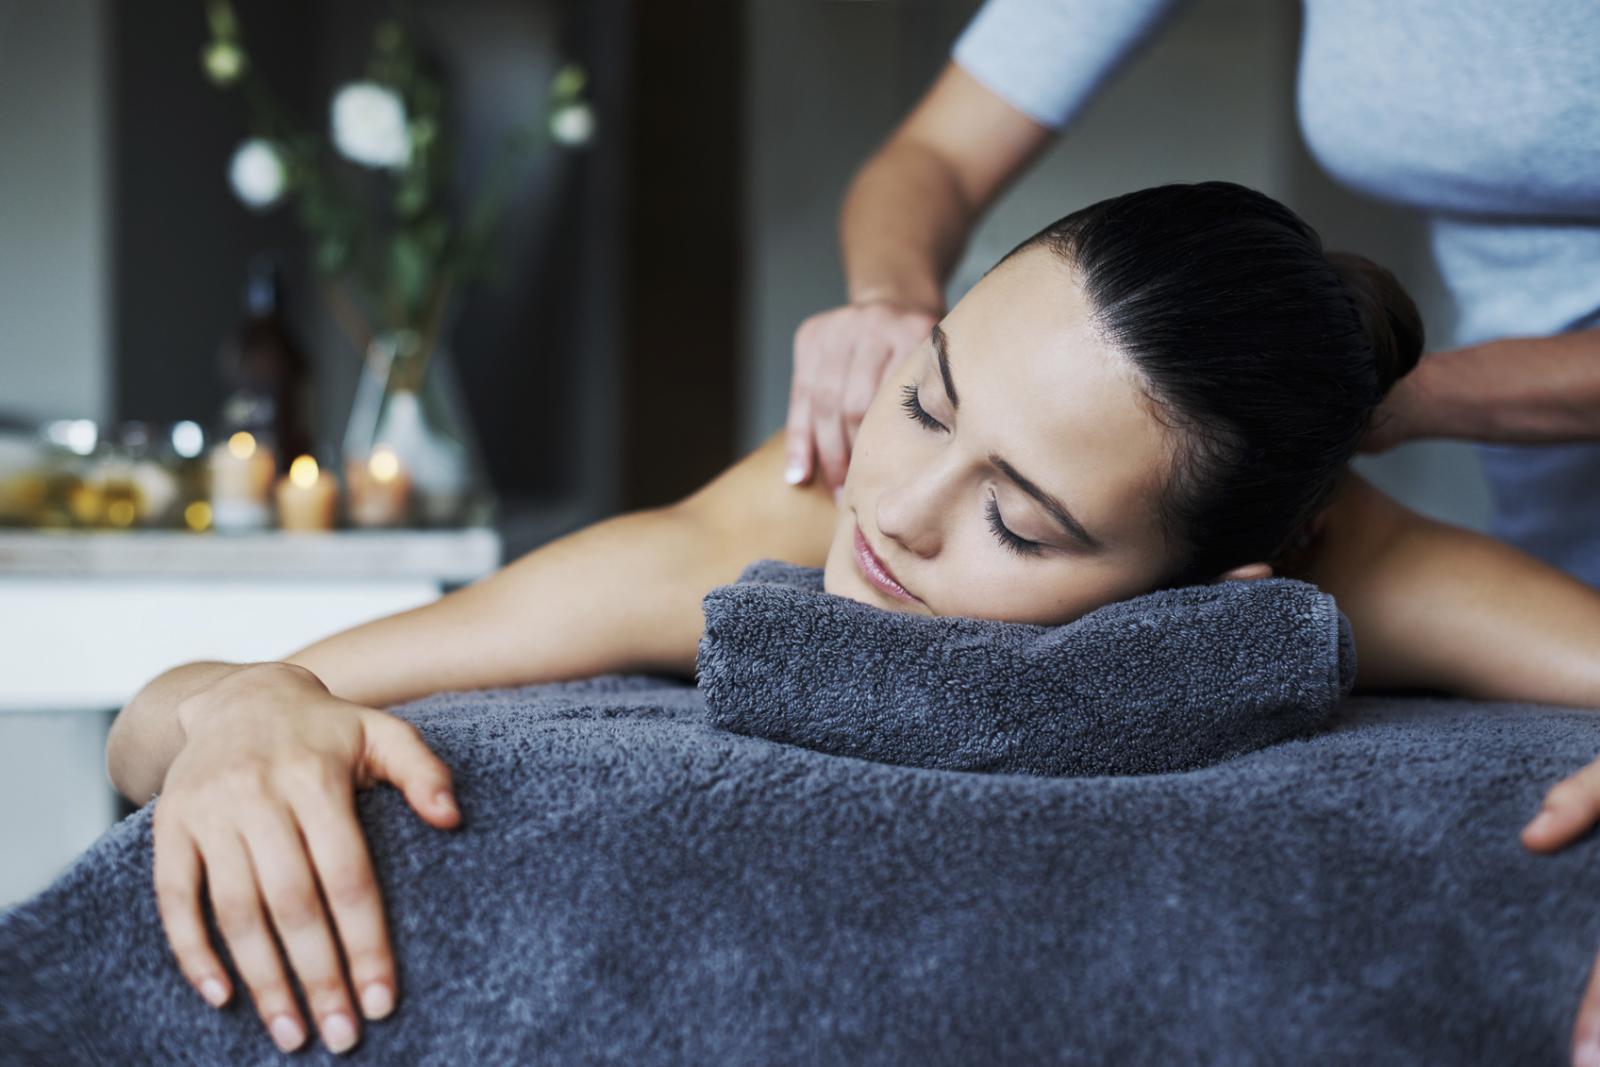 Za najbolji učinak idealno bi bilo da imate barem jednu masažu tjedno.